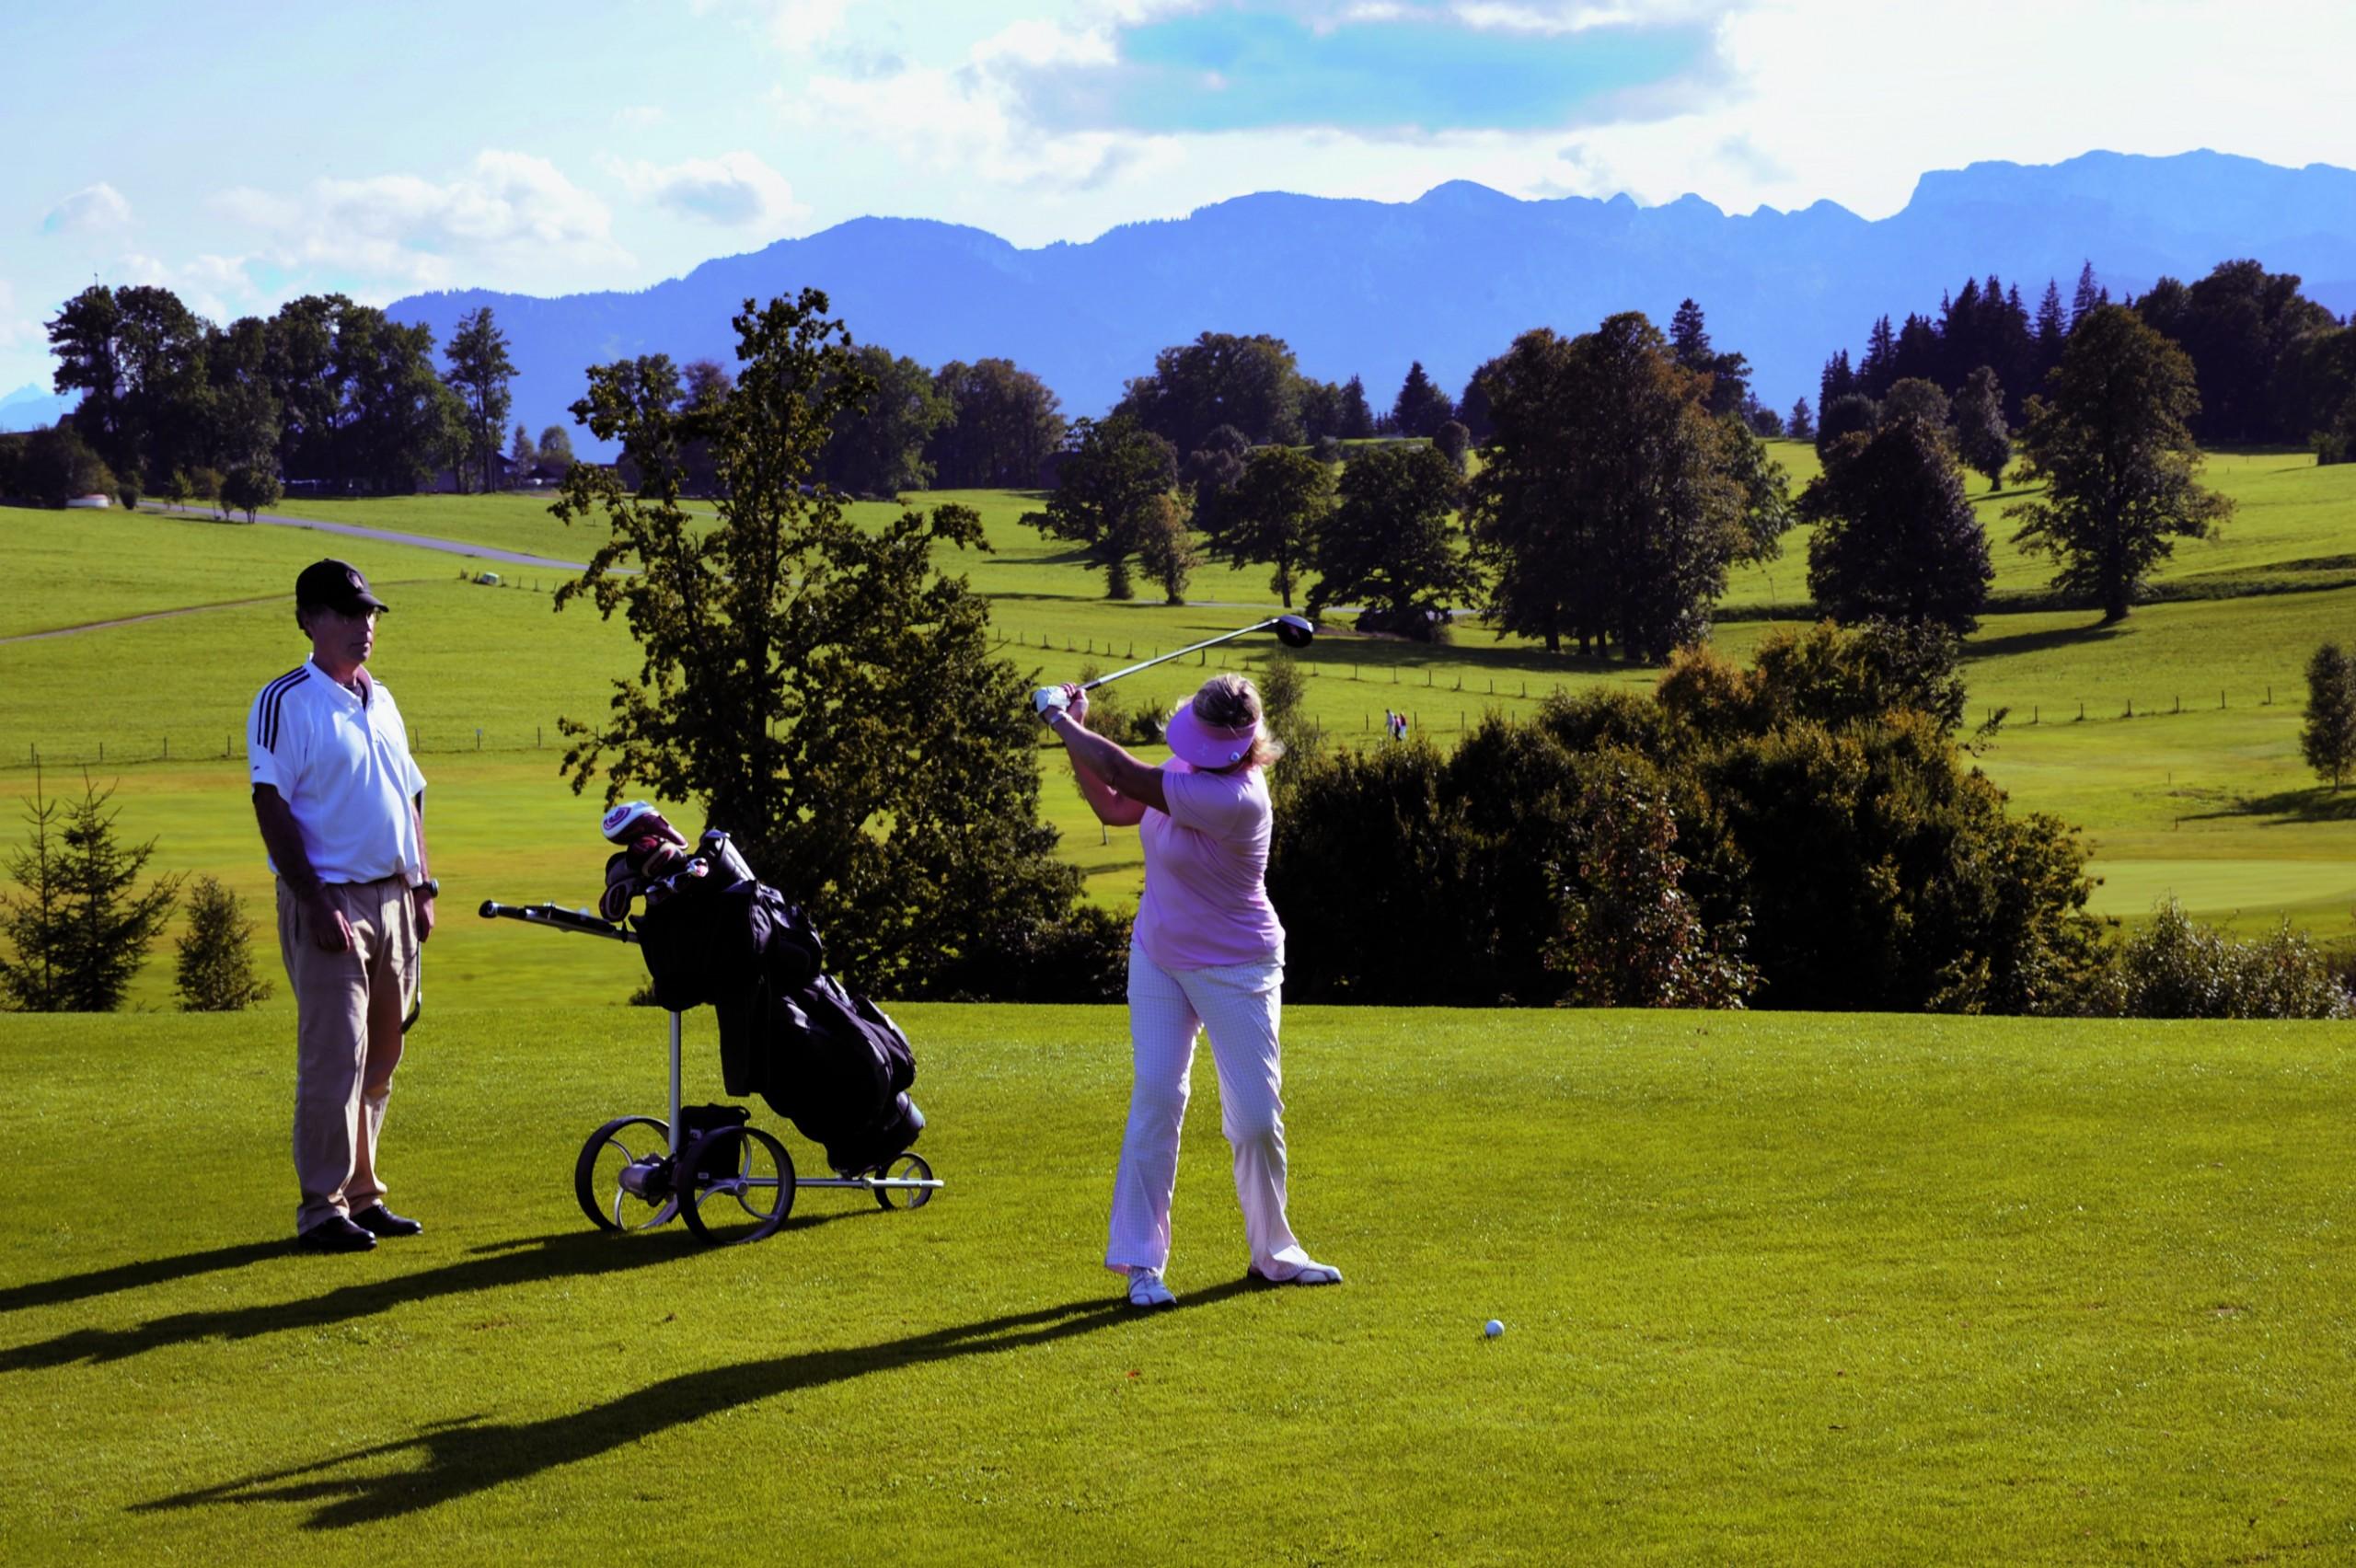 Golfen in Bad Tölz